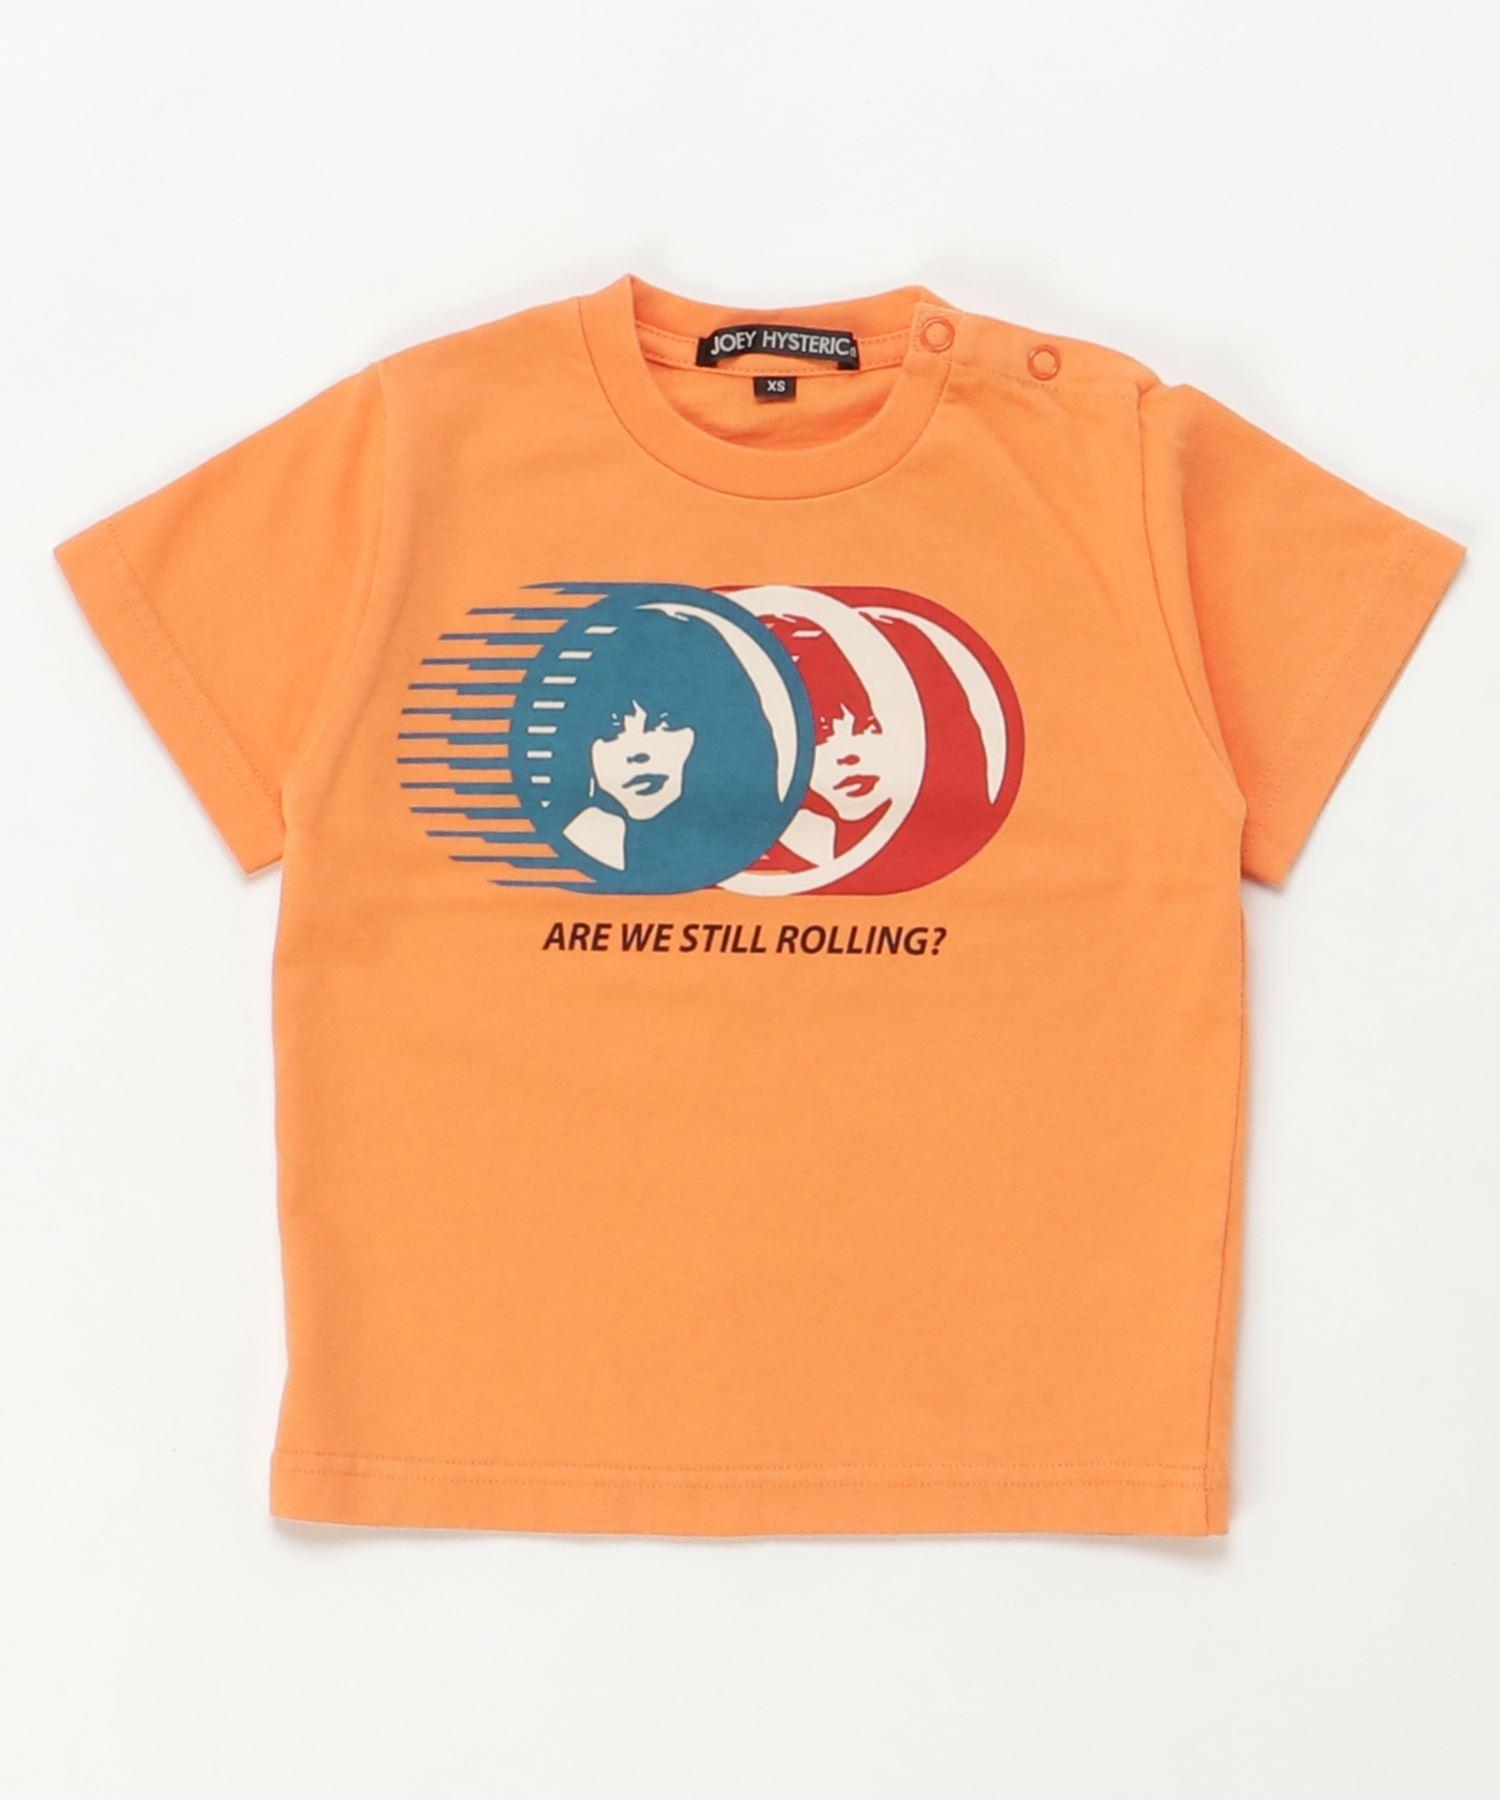 STILL ROLLING Tシャツ【XS/S/M】